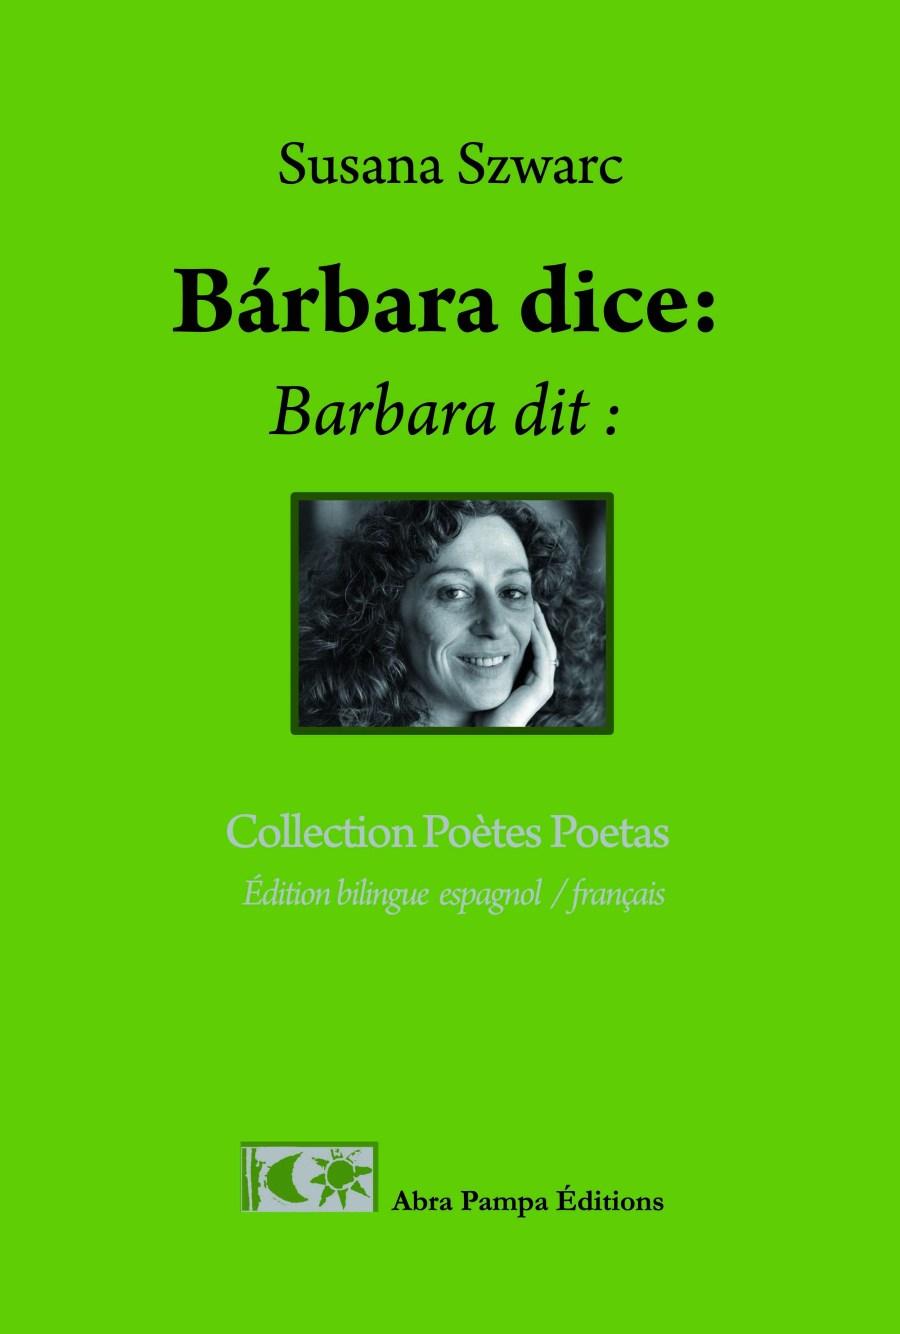 Libro Susana Szwarc 2 - Bárbara dice. Barbara dit